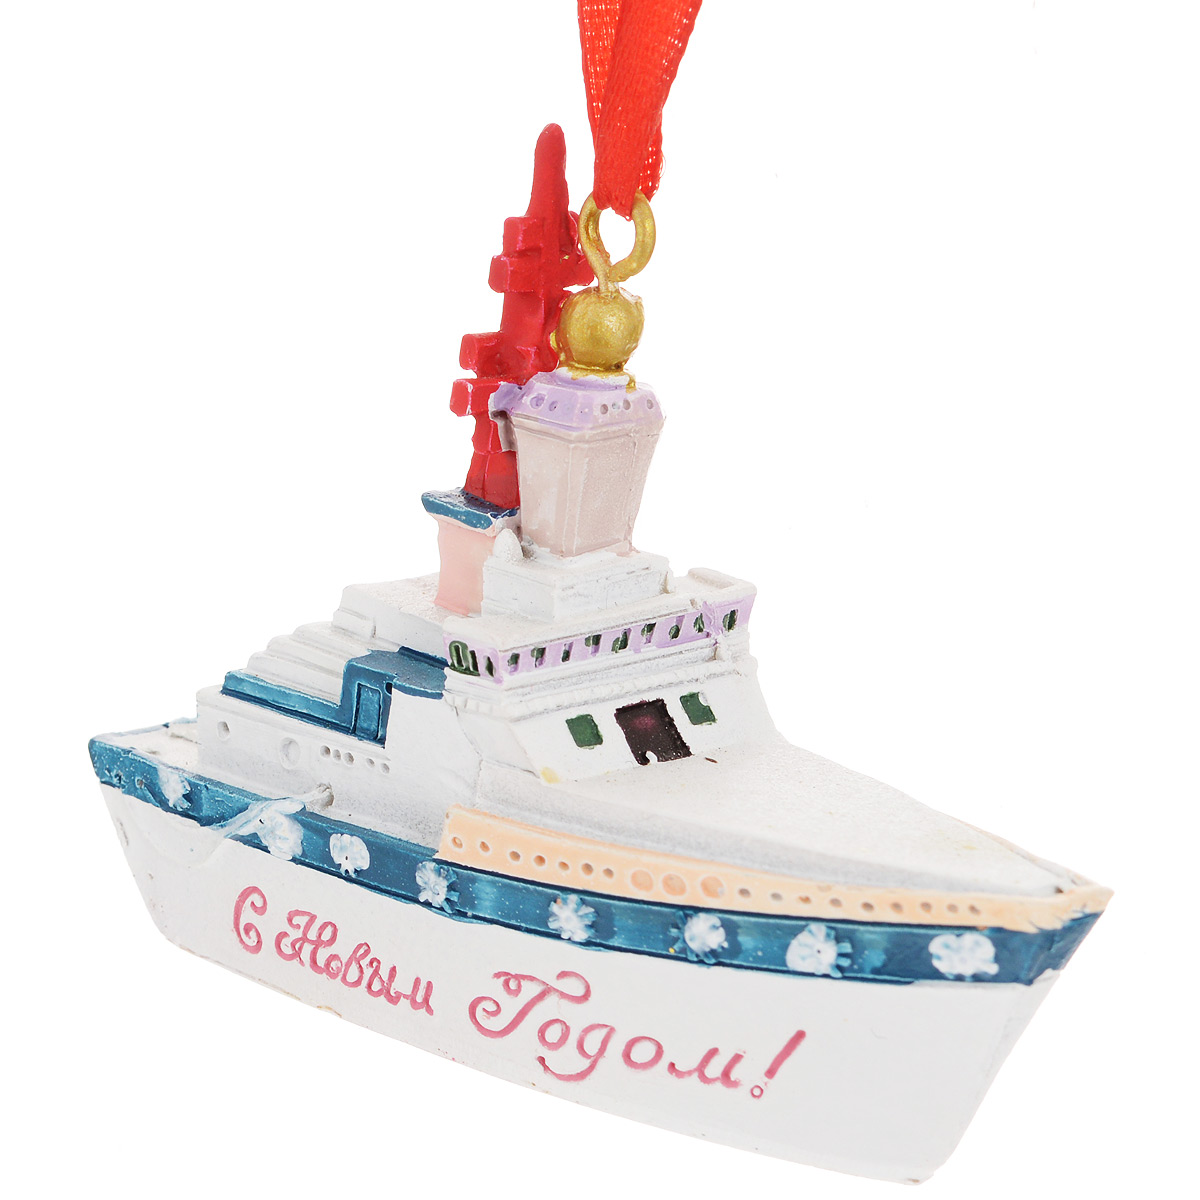 Новогоднее подвесное украшение Феникс-Презент Крейсер, цвет: белый. 34570 феникс презент